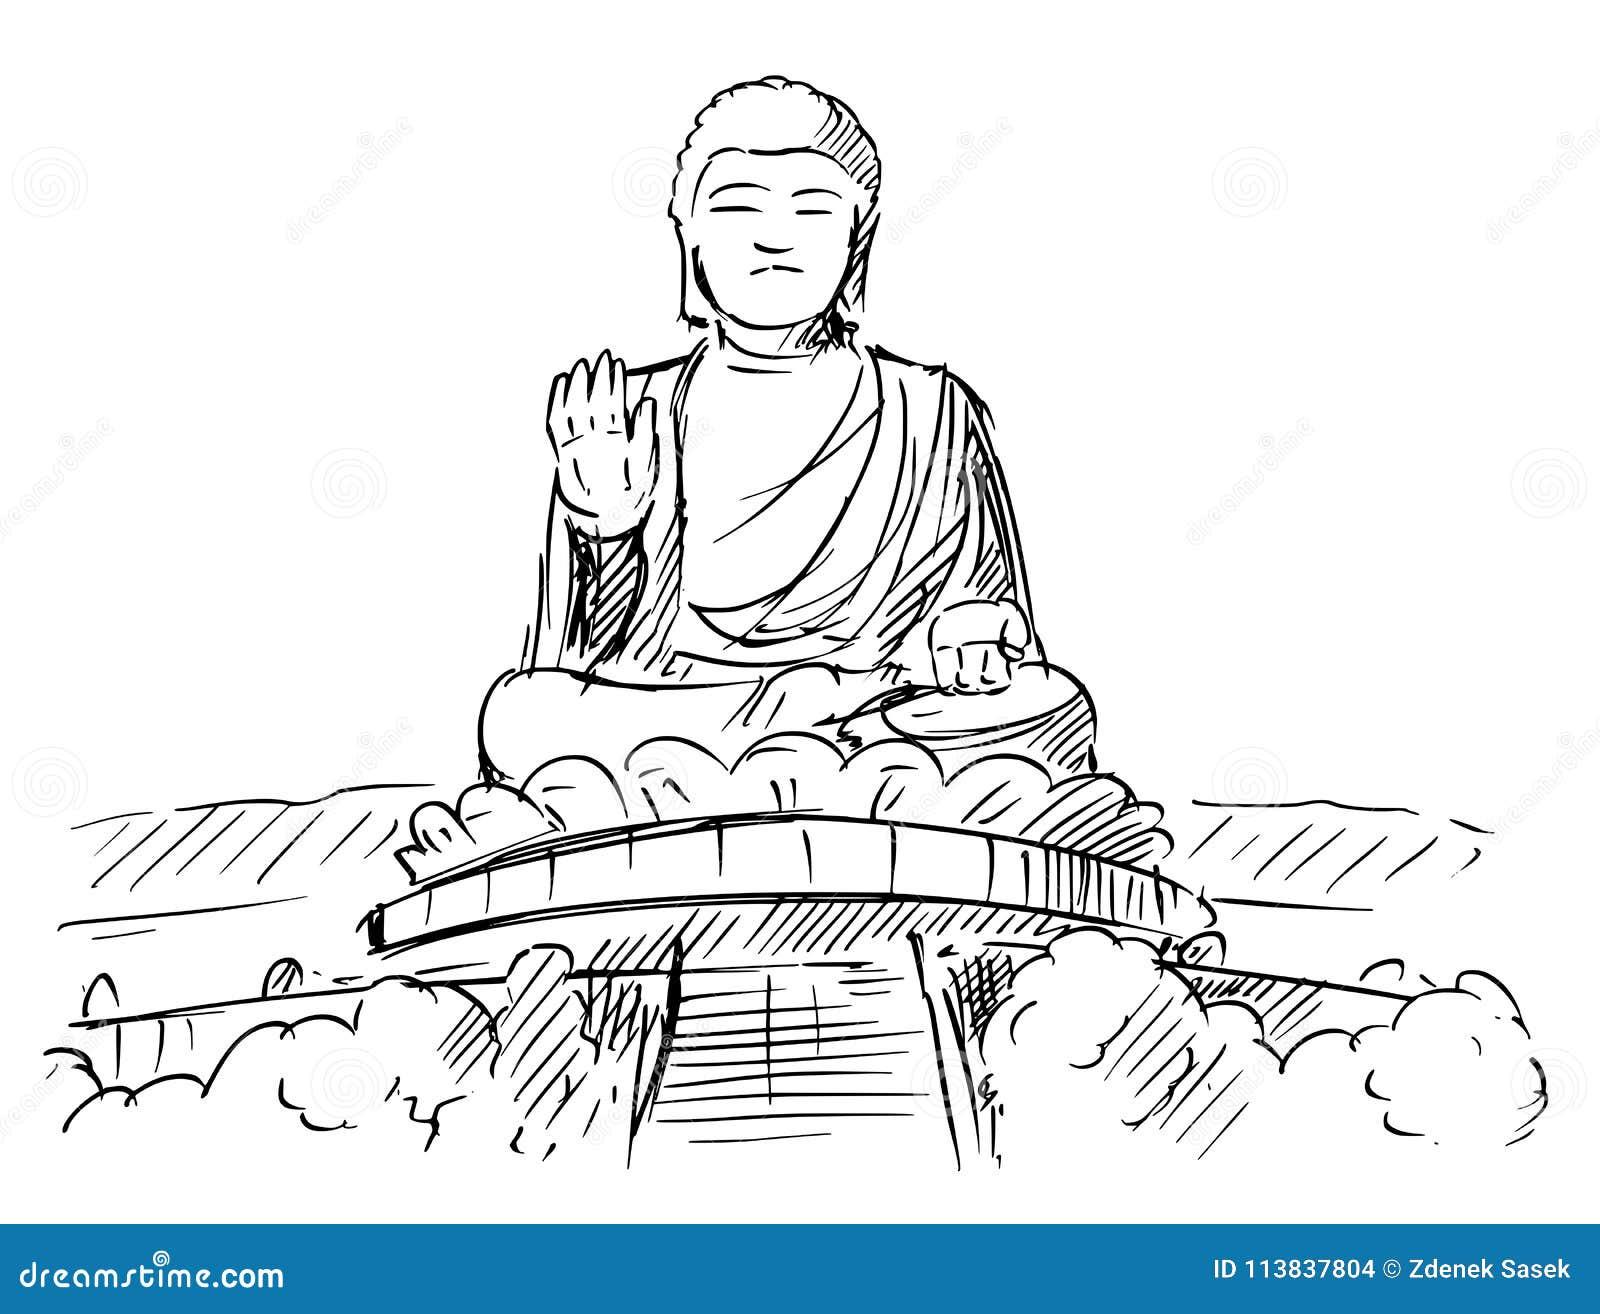 Cartoon sketch drawing illustration of tian tan or big buddha statue ngong ping lantau island hong kong